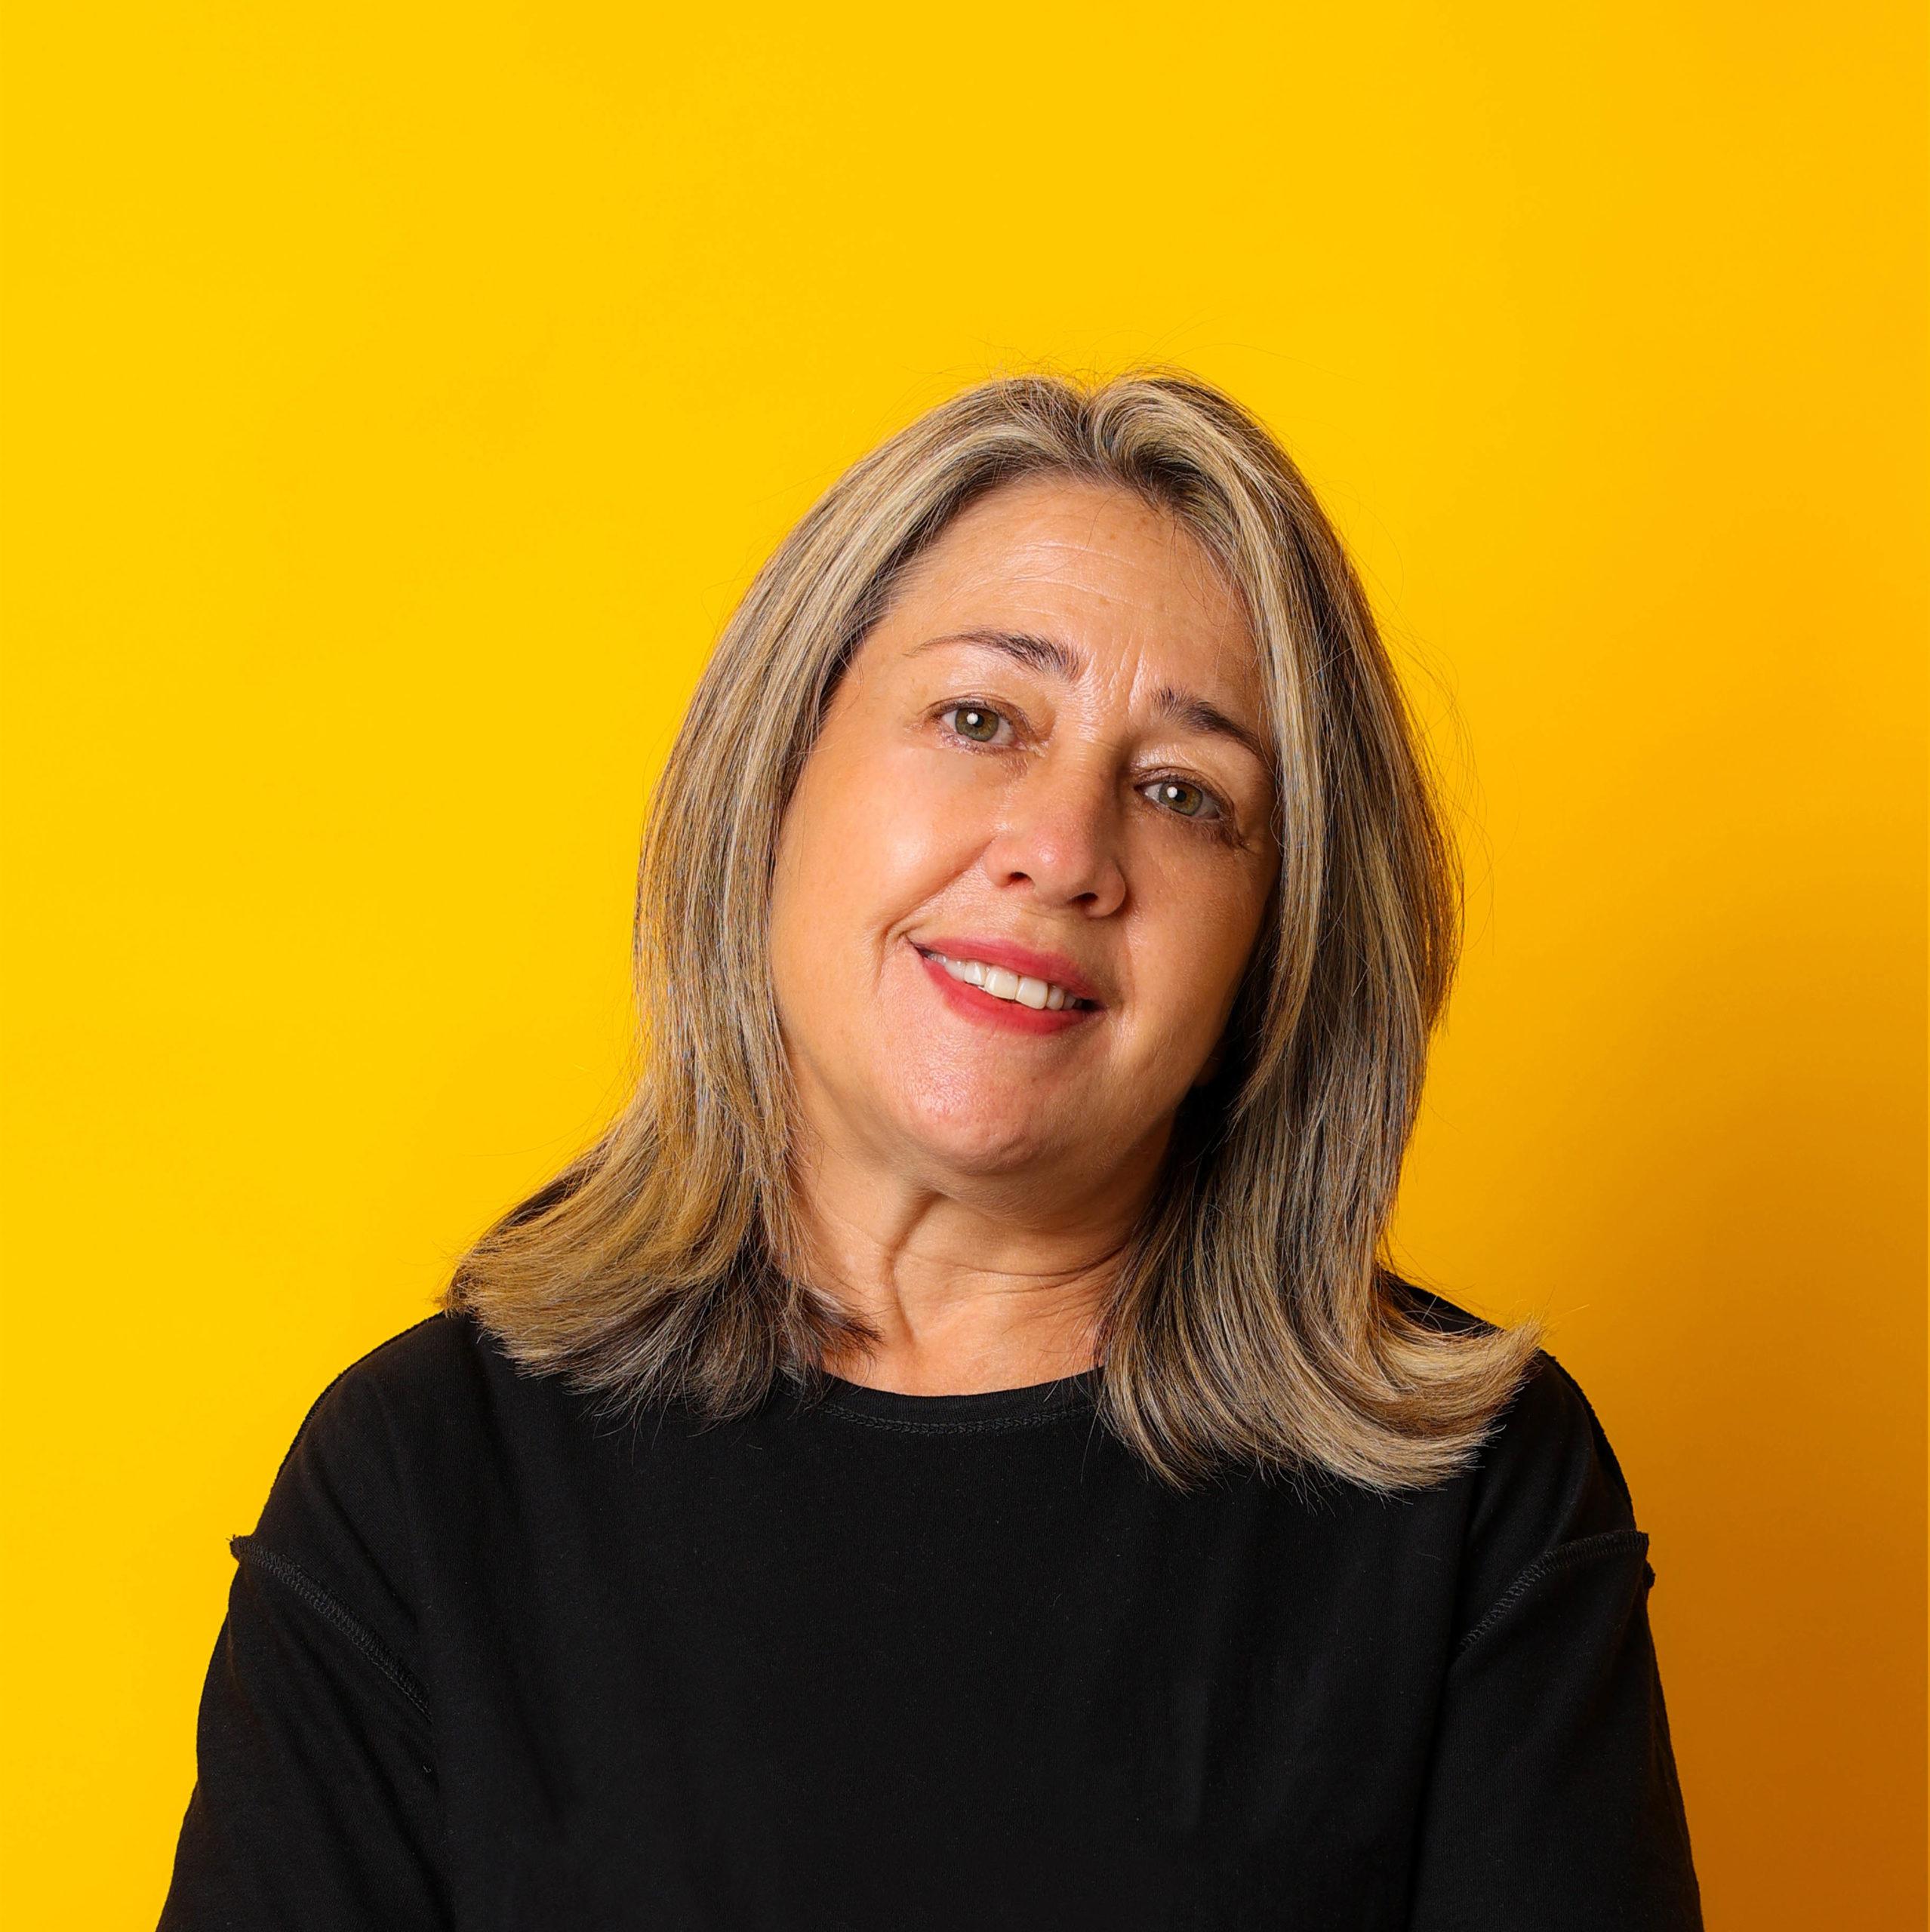 María del Carmen Mármol Collado